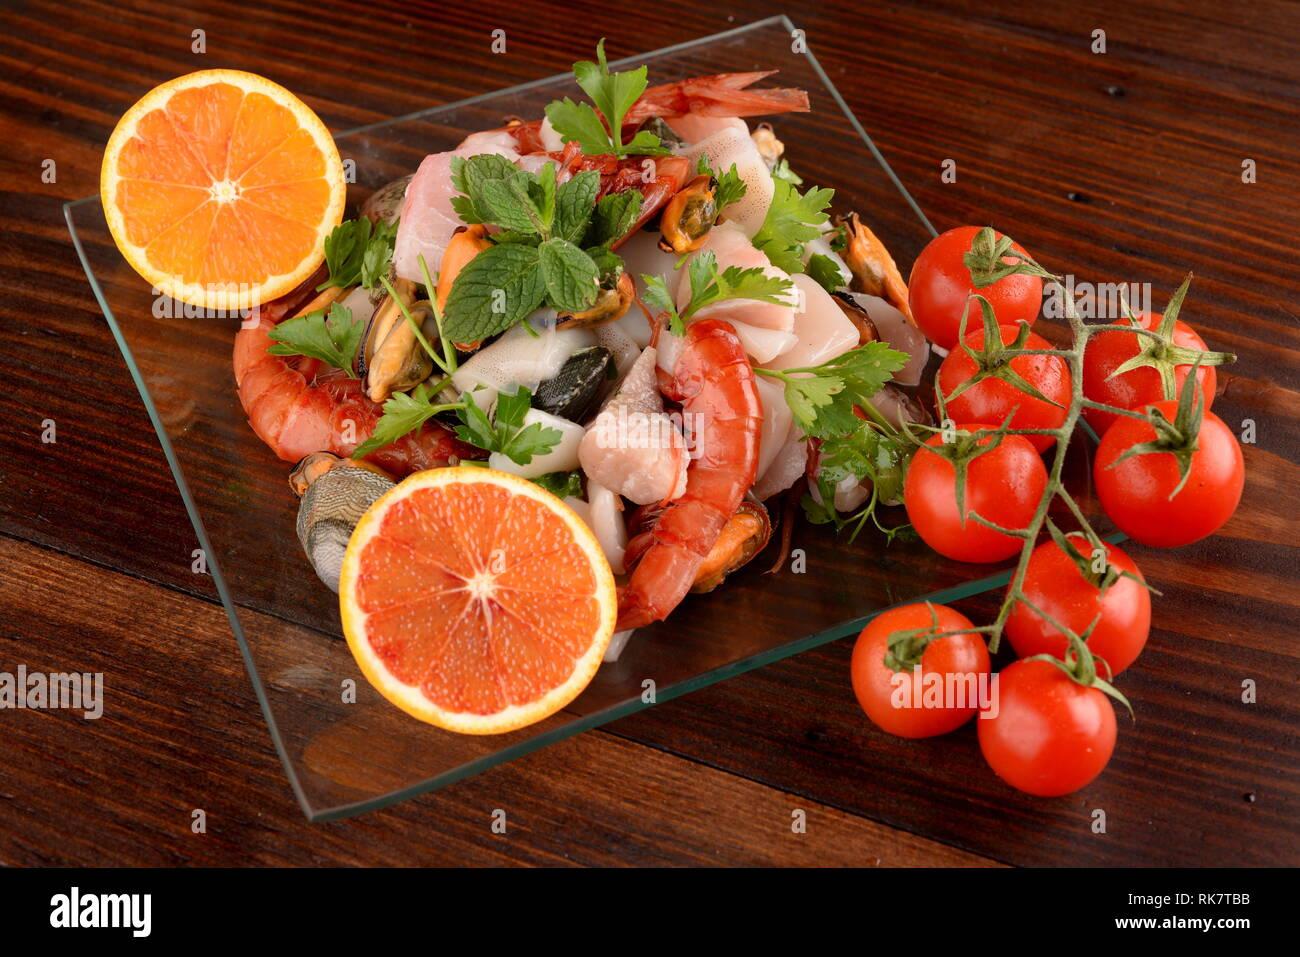 Plats en verre avec le poisson bonito mollusques et coquillages matières sur la planche de bois Banque D'Images